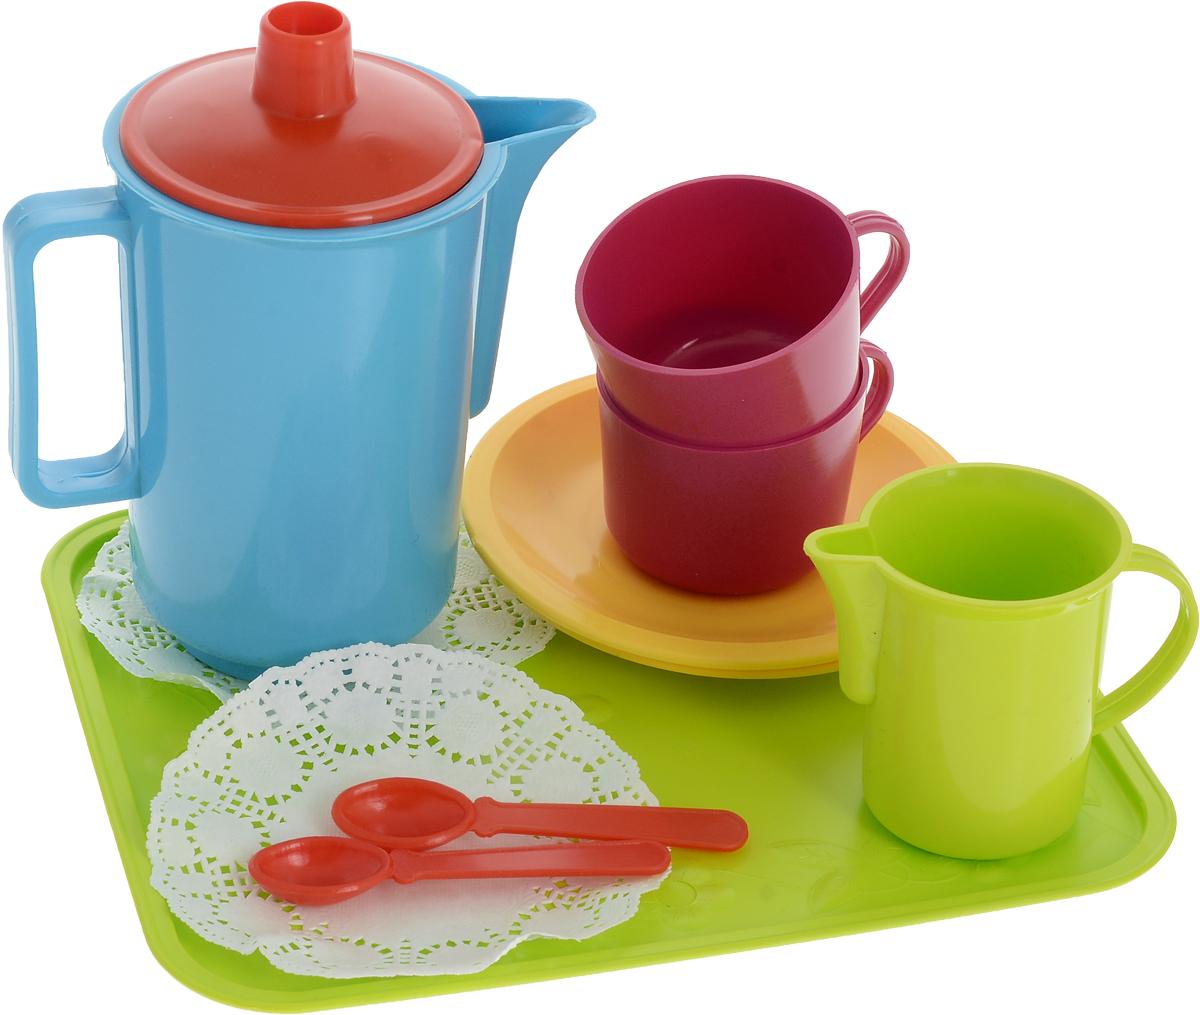 Фото - РосИгрушка Игрушечный чайный набор Молочные реки росигрушка игрушечный чайный набор большая компания